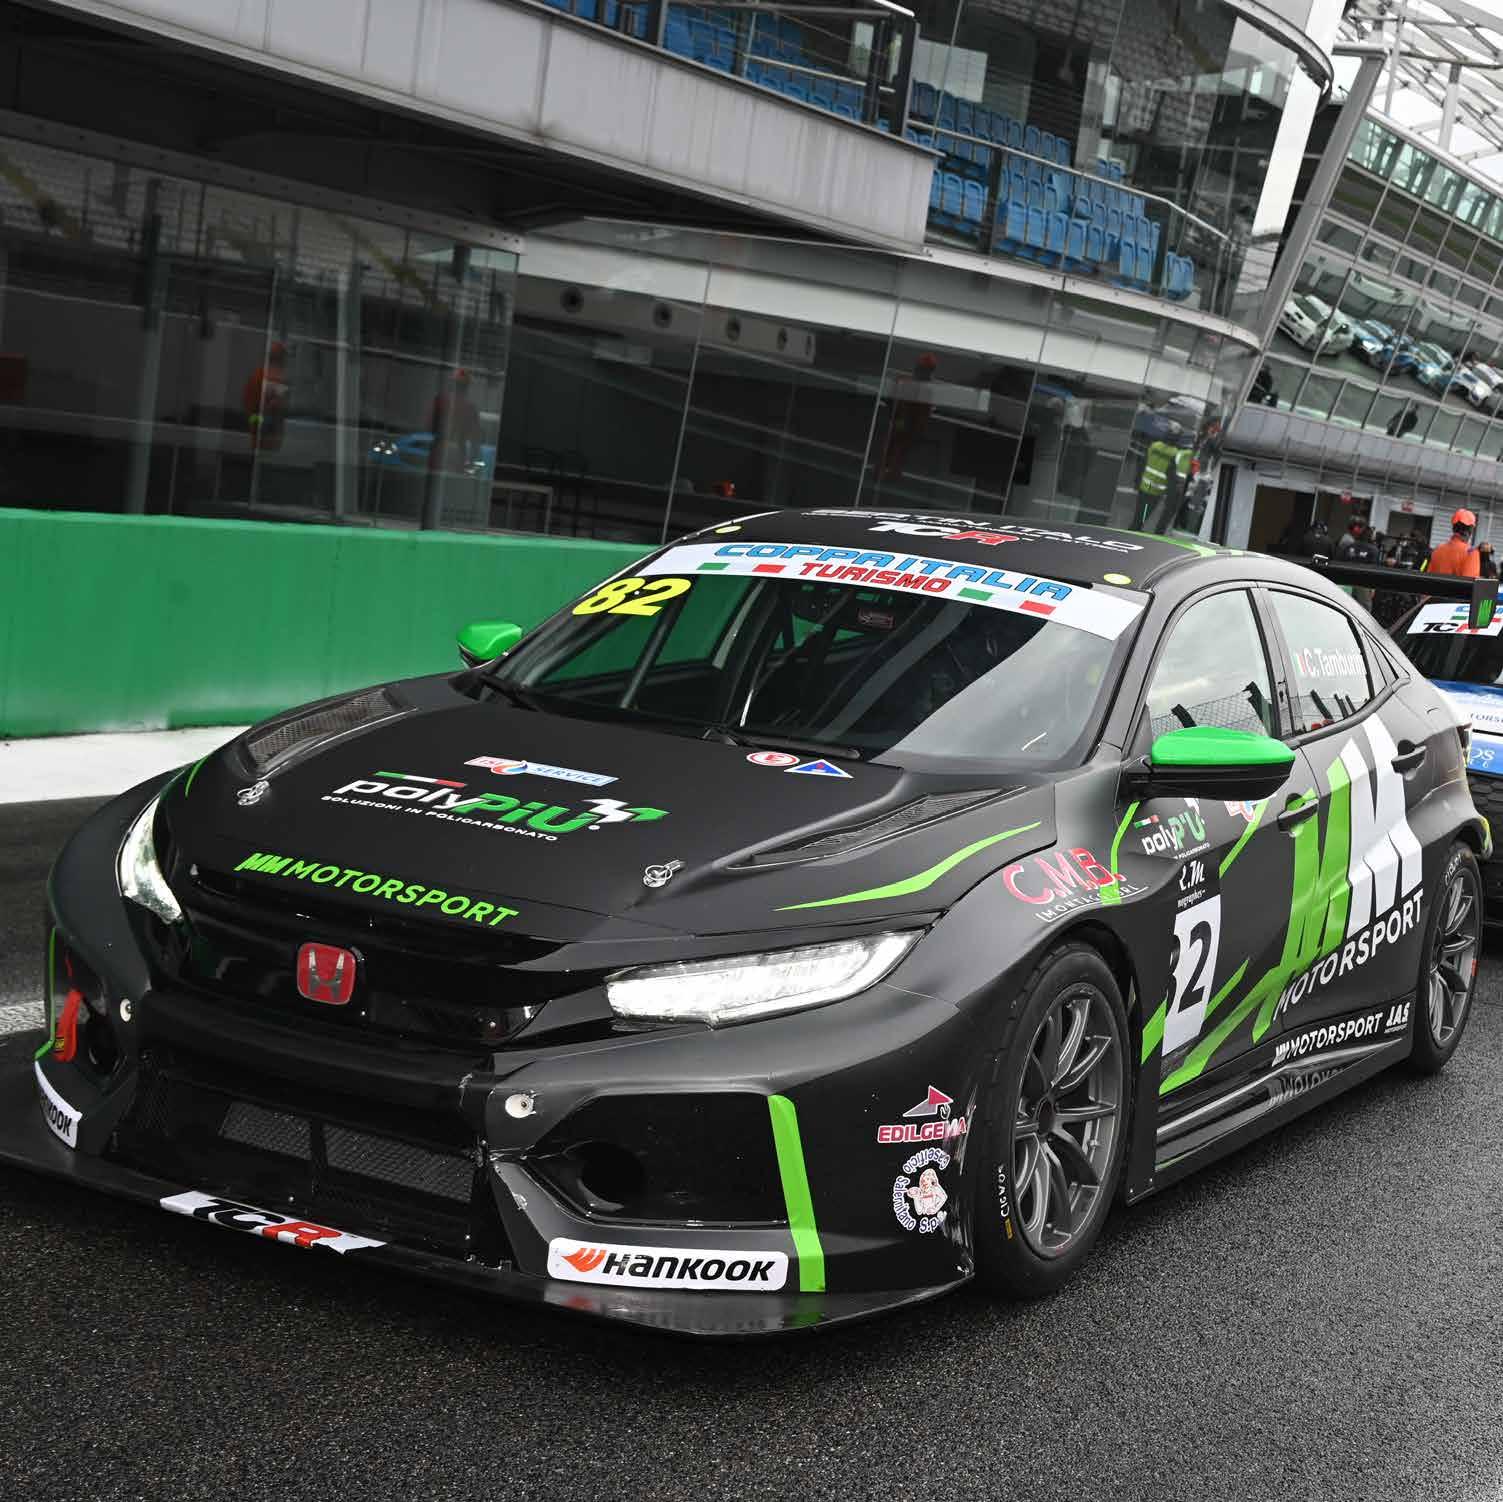 polypiu-sponsor-del-team-mm-motorsport-1